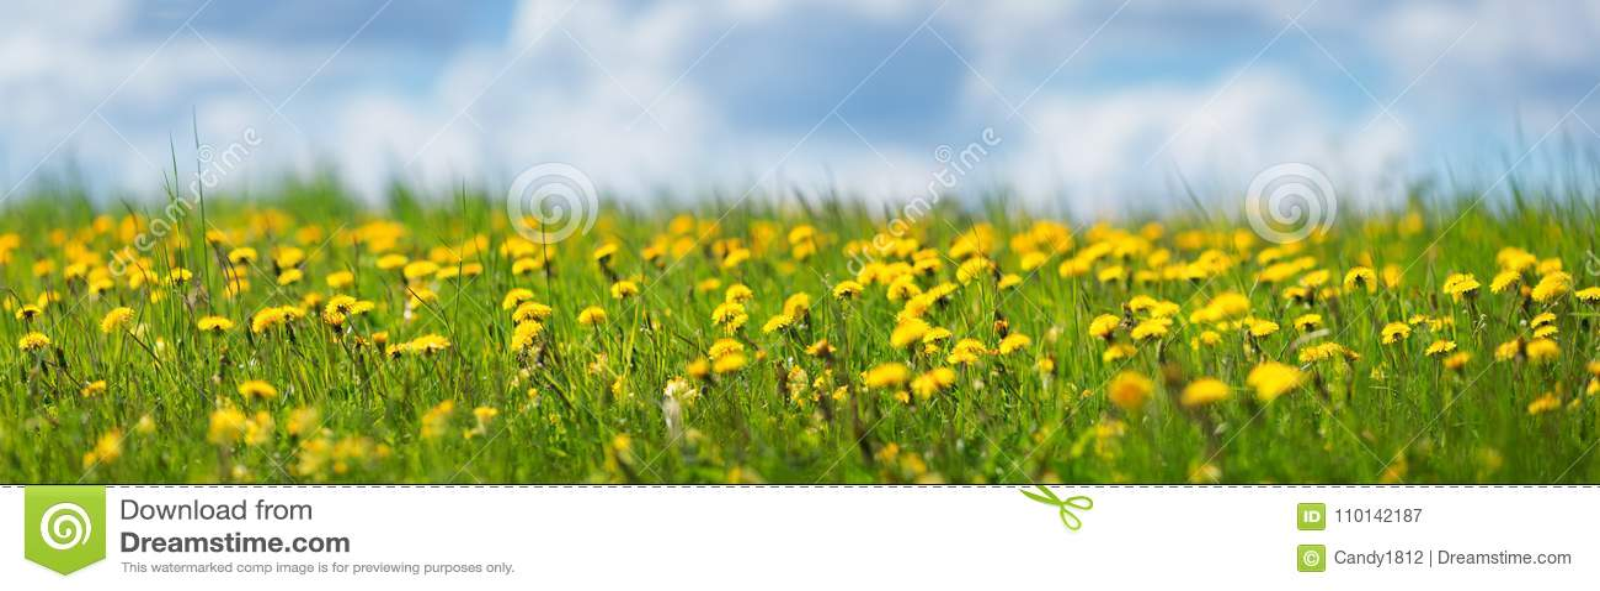 Pole z dandelions i niebieskim niebem